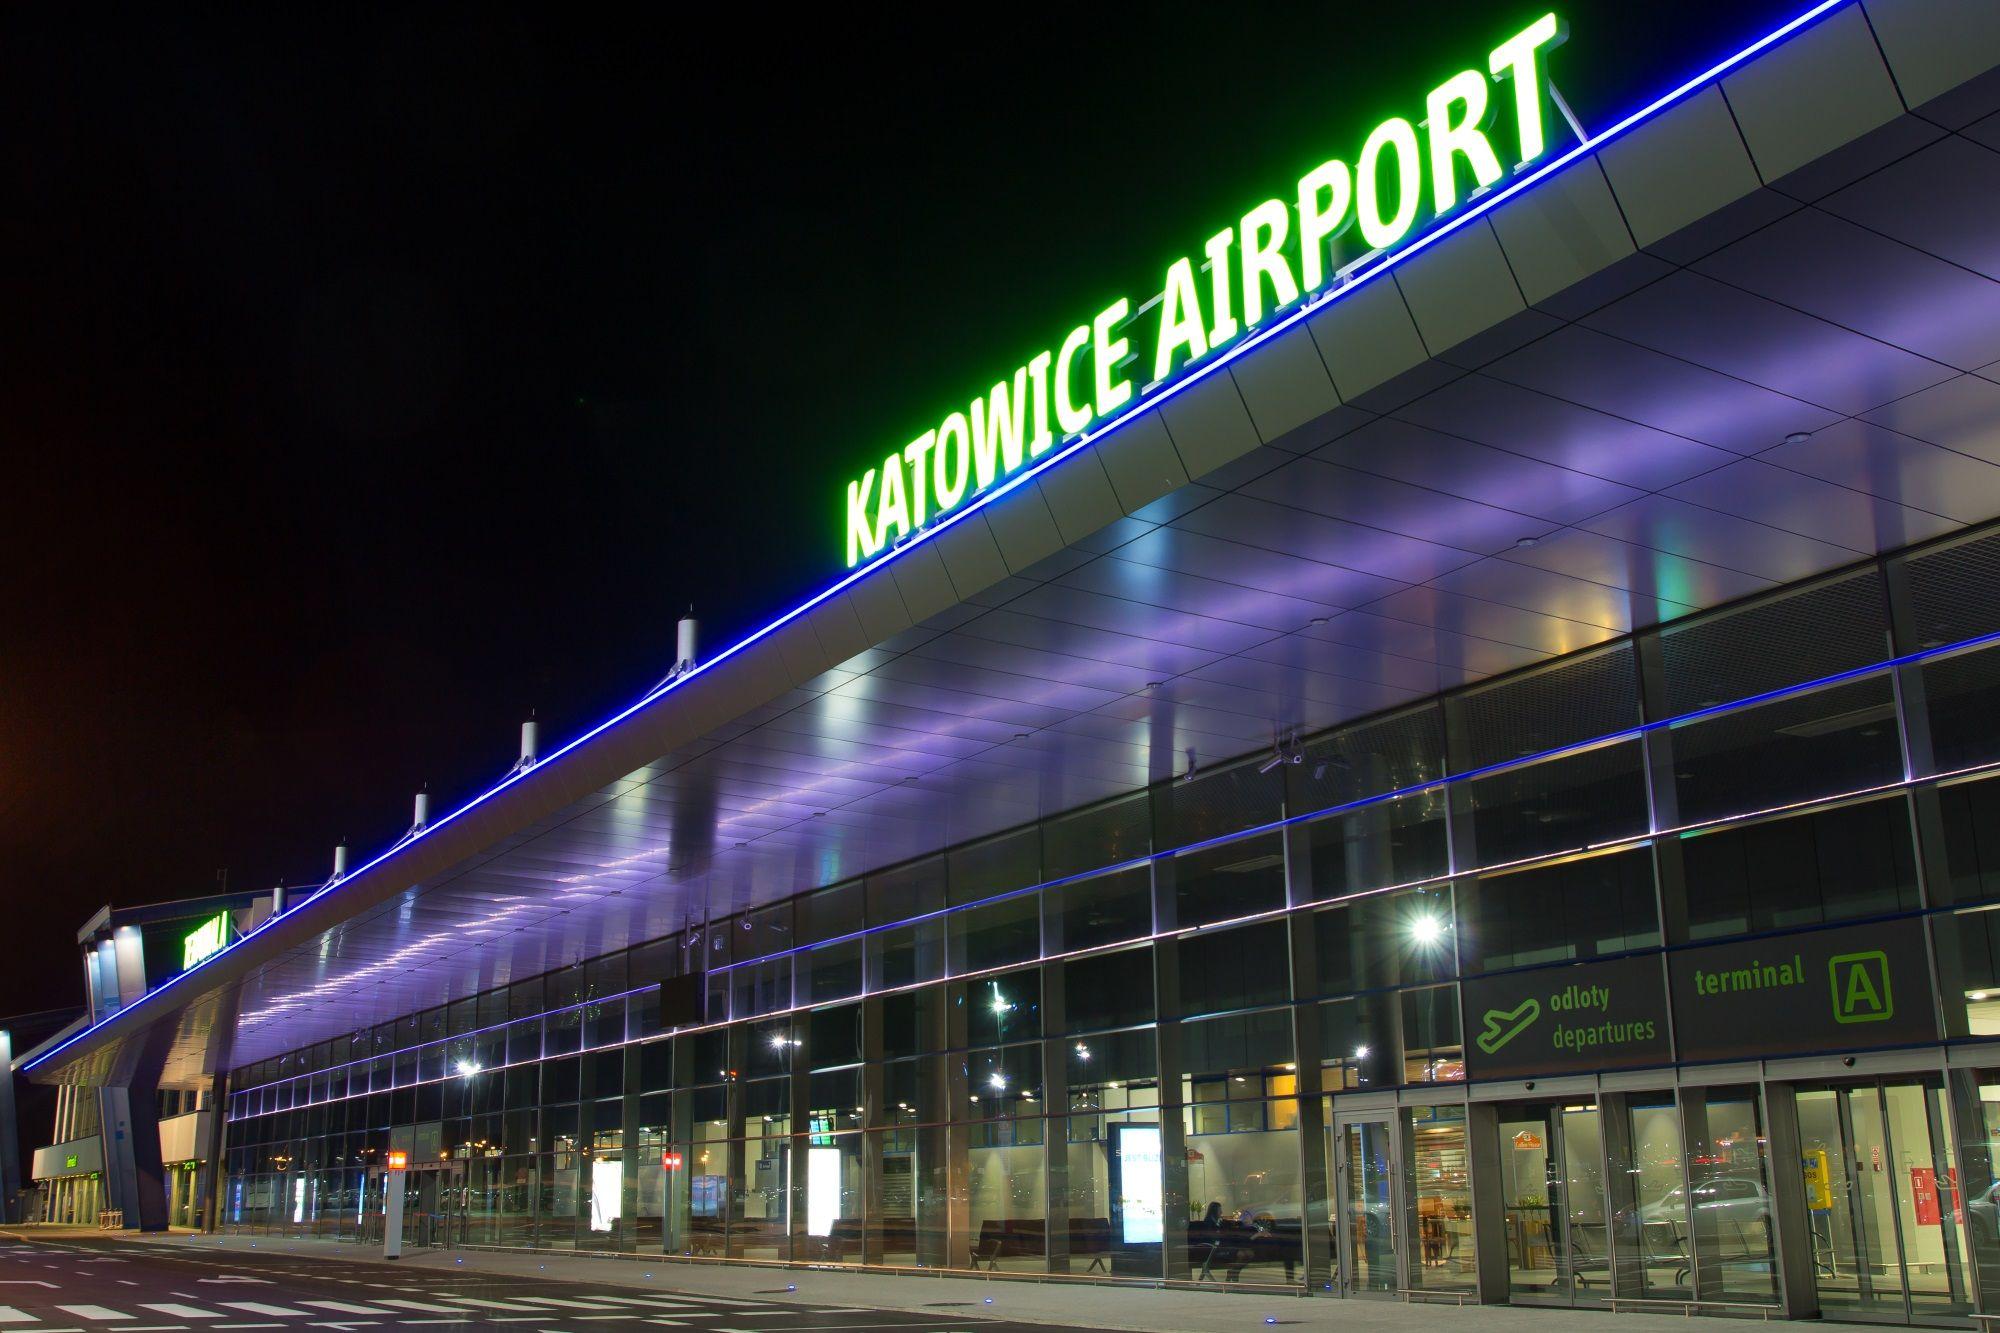 Hala odlotowów portu lotniczego Katowice Airport